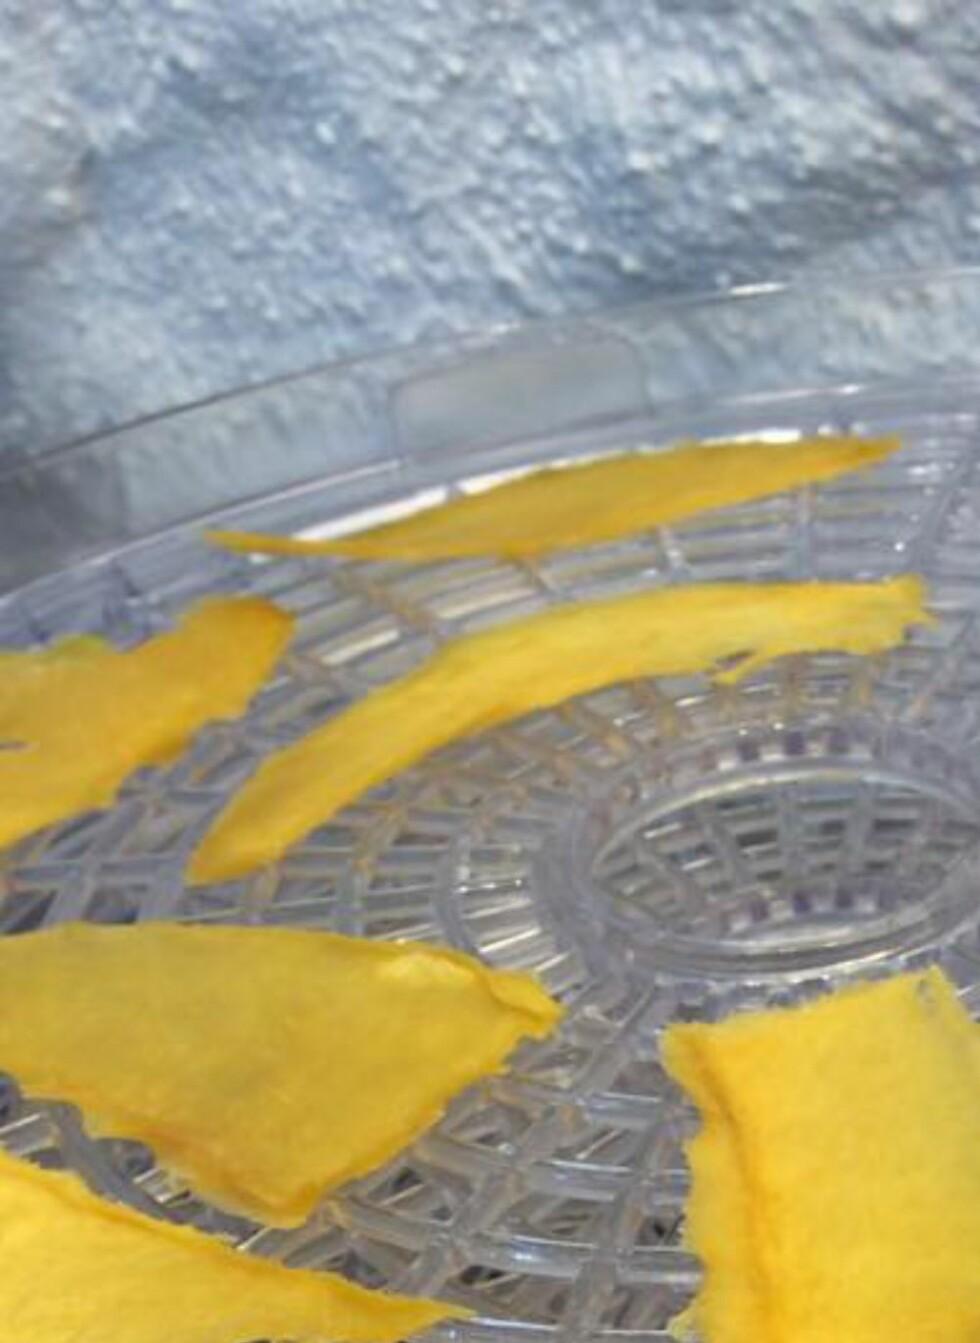 FERDIG: Slik ser den ferdigtørkete mangoen ut. Foto: MERETHE HOMMELSGÅRD